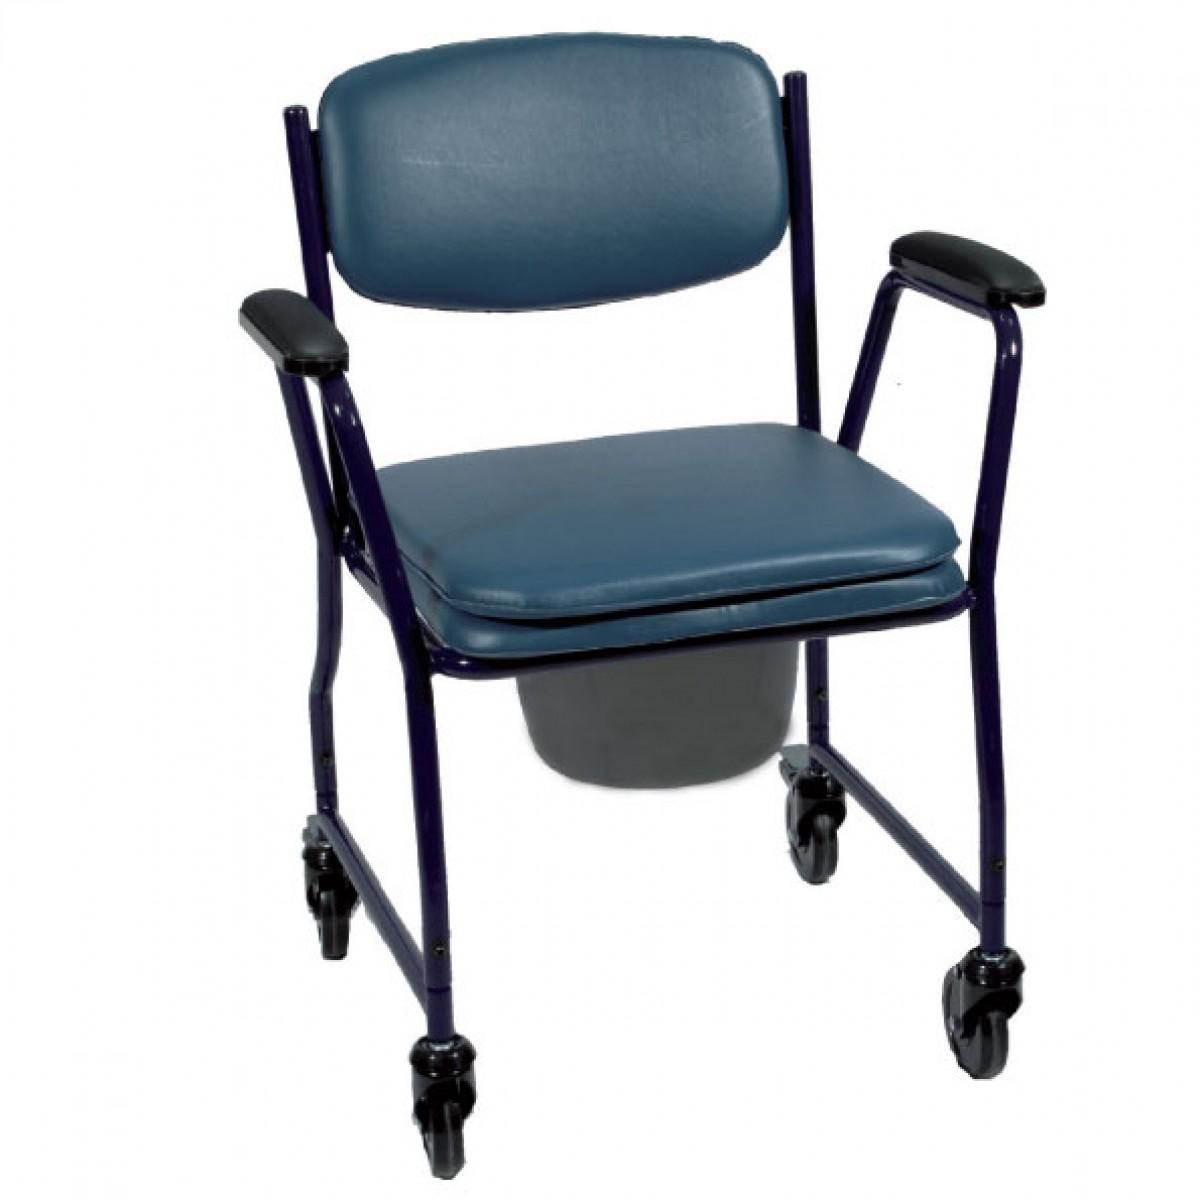 Sedia comoda carrozzine e comode prodotti prodotti for Sedia design comoda